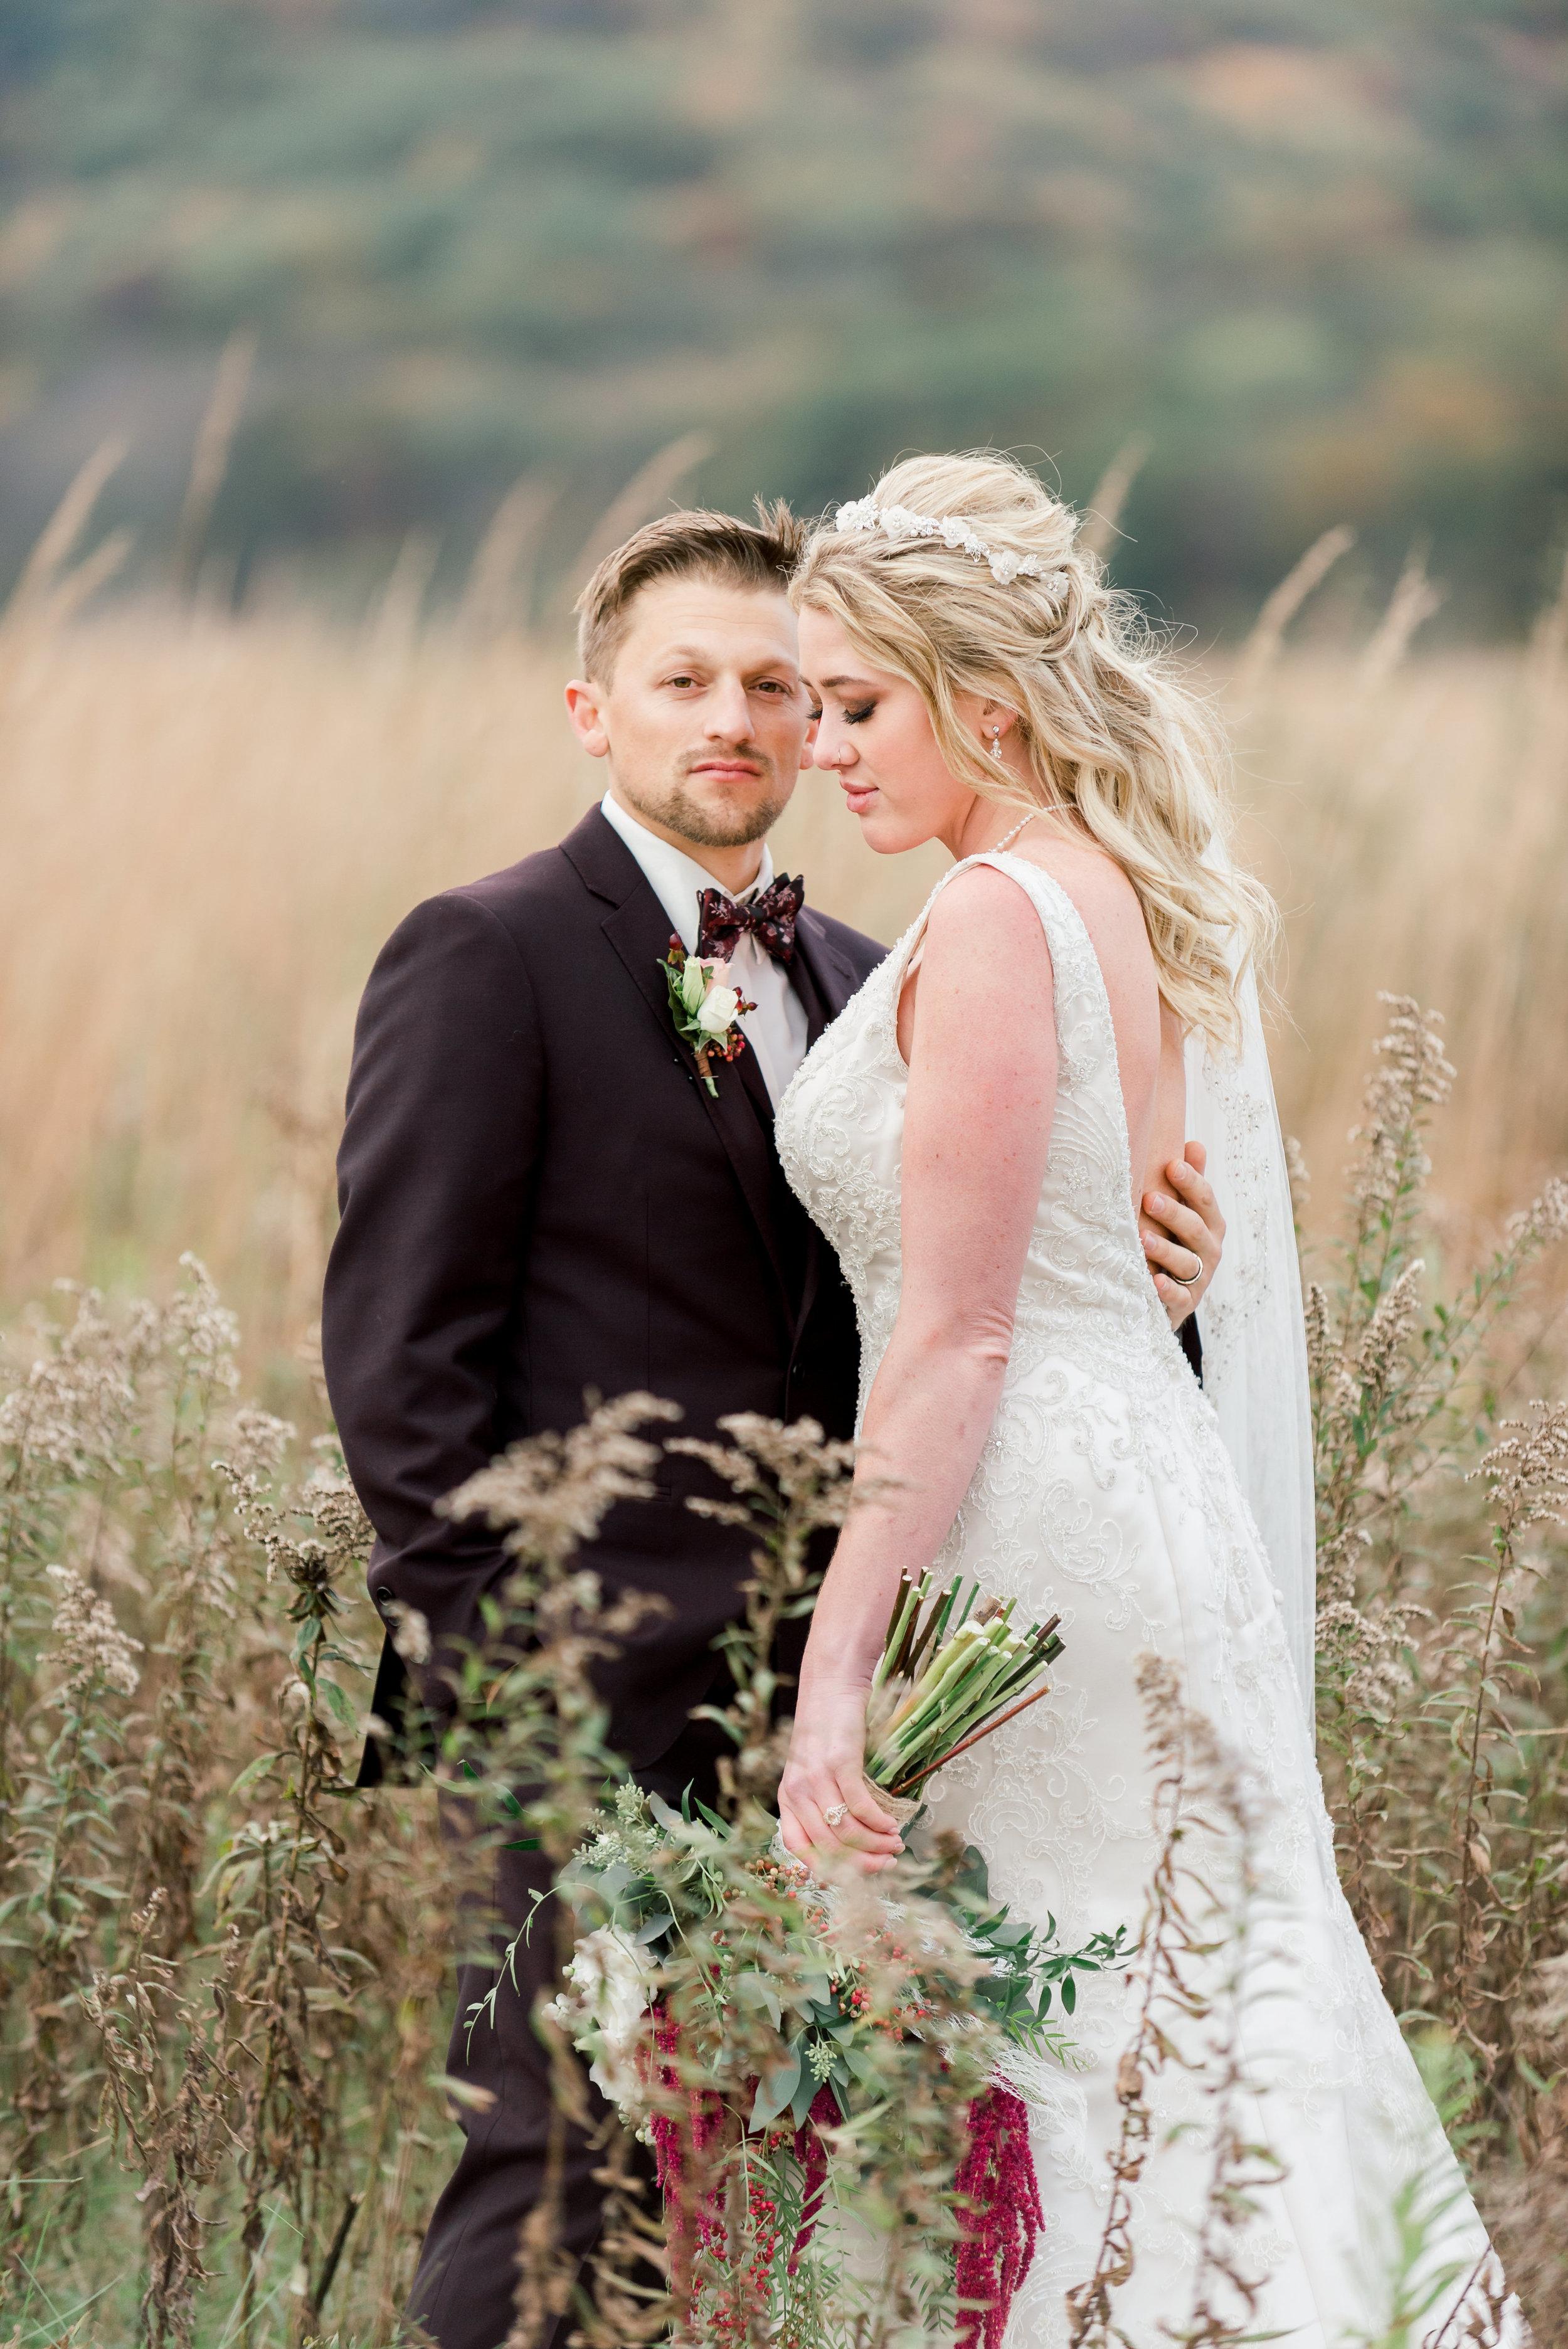 Devils-Head-Resort-Merrimac-WI-Wedding-Photos-Bride and Groom-24.jpg